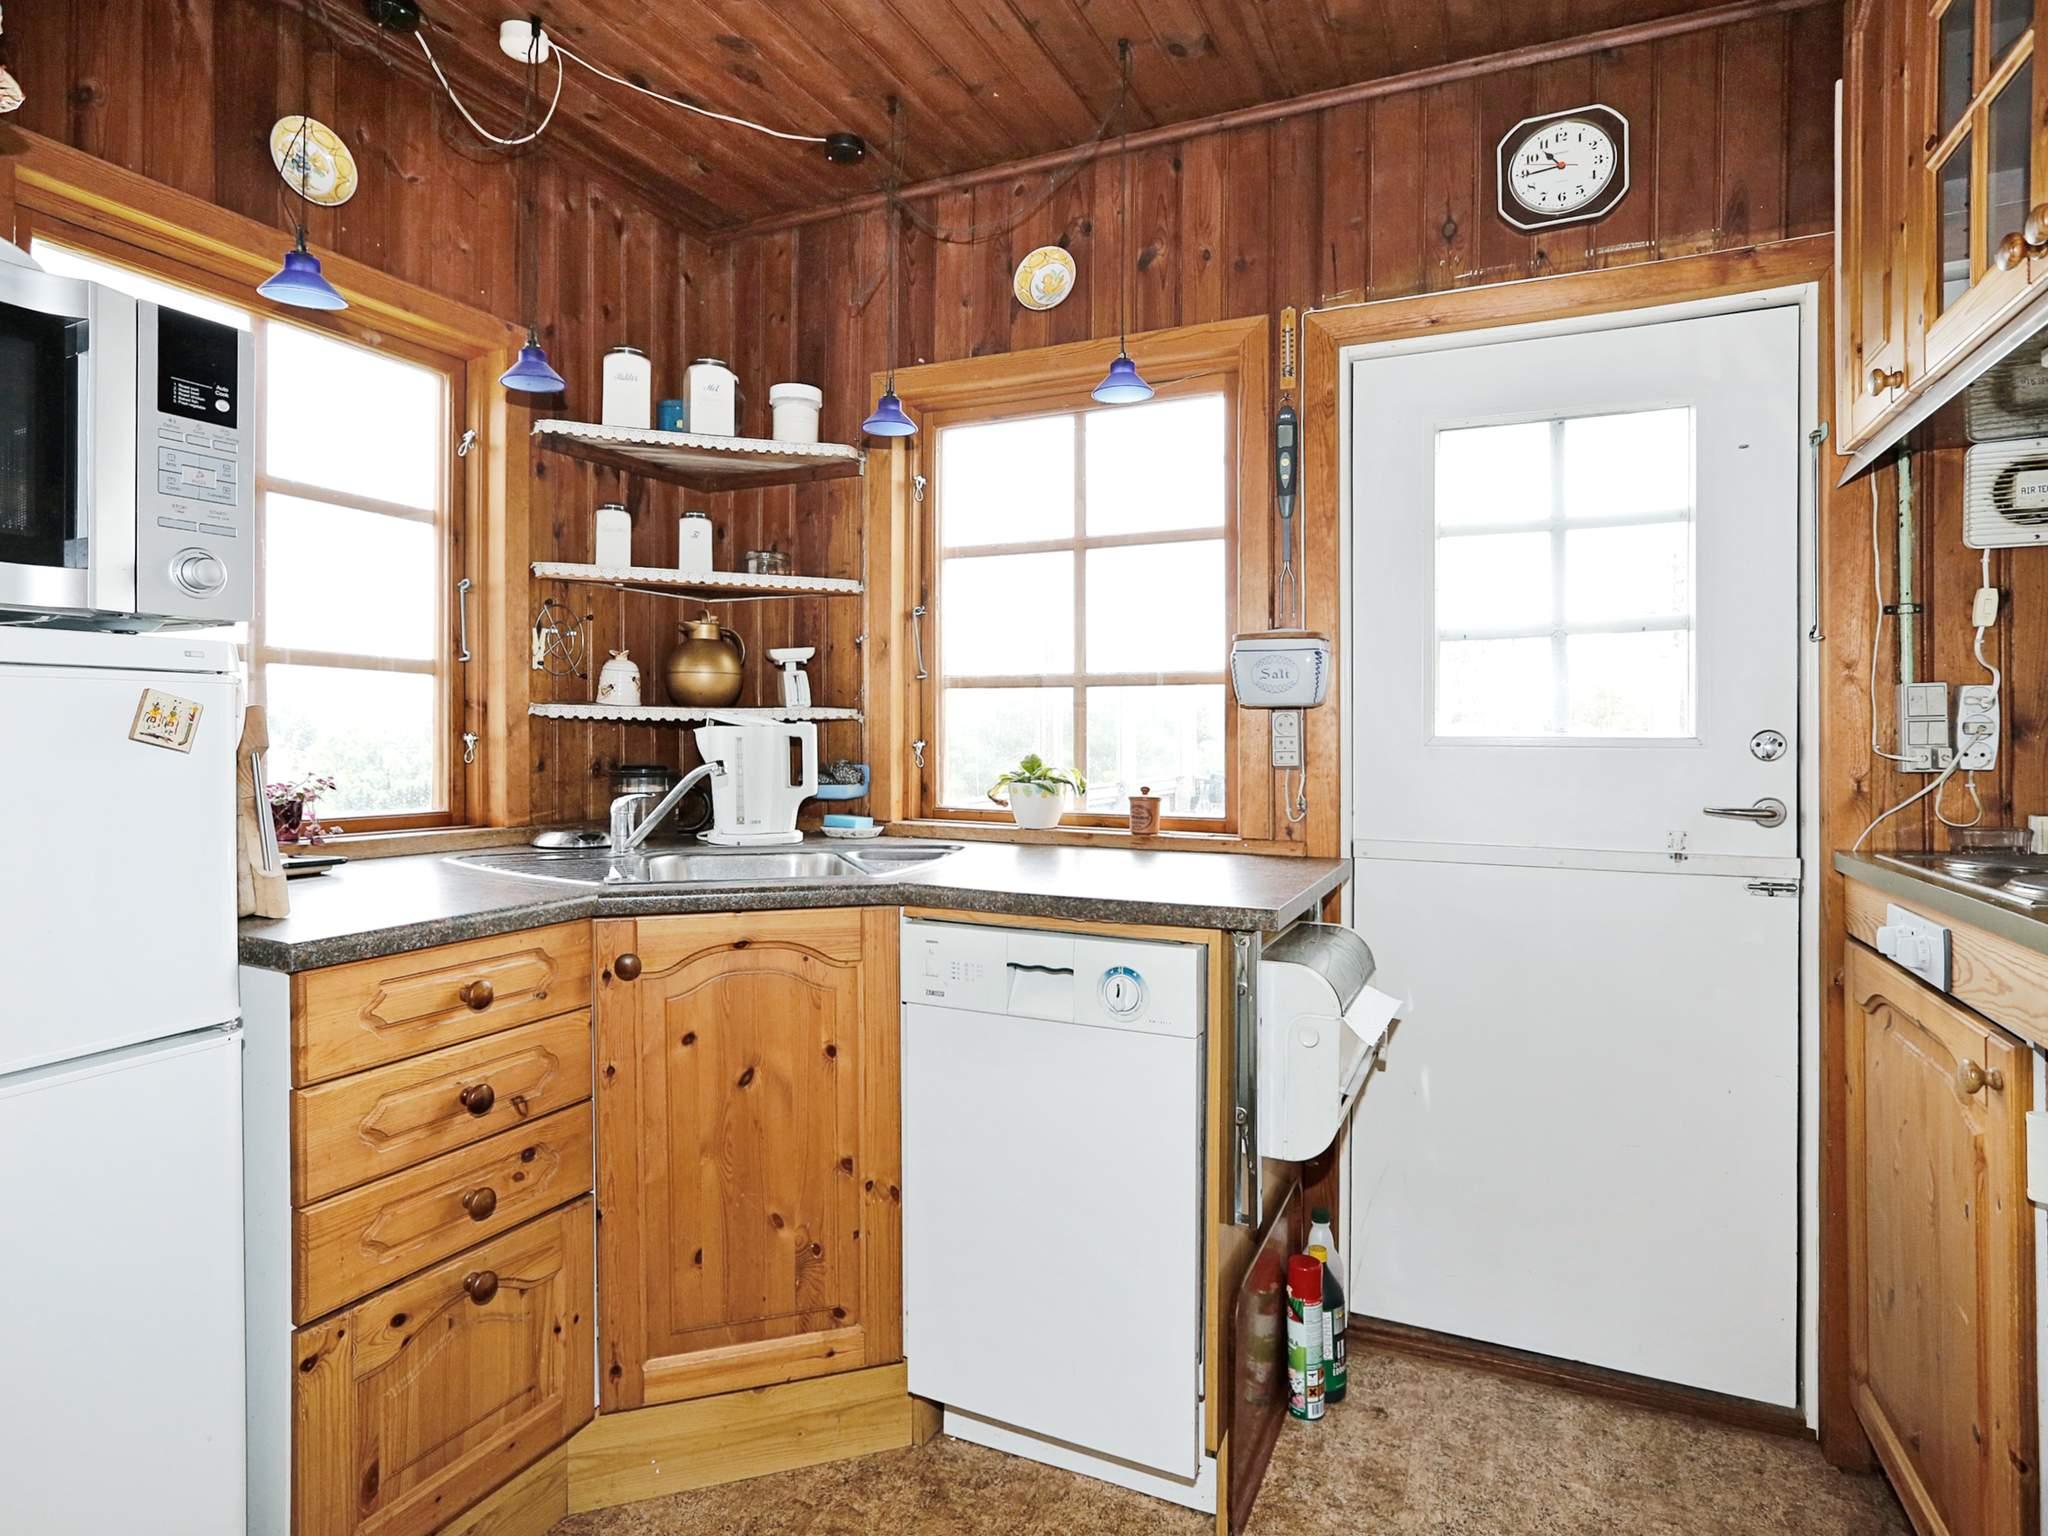 Ferienhaus Rågeleje (921041), Rågeleje, , Nordseeland, Dänemark, Bild 11